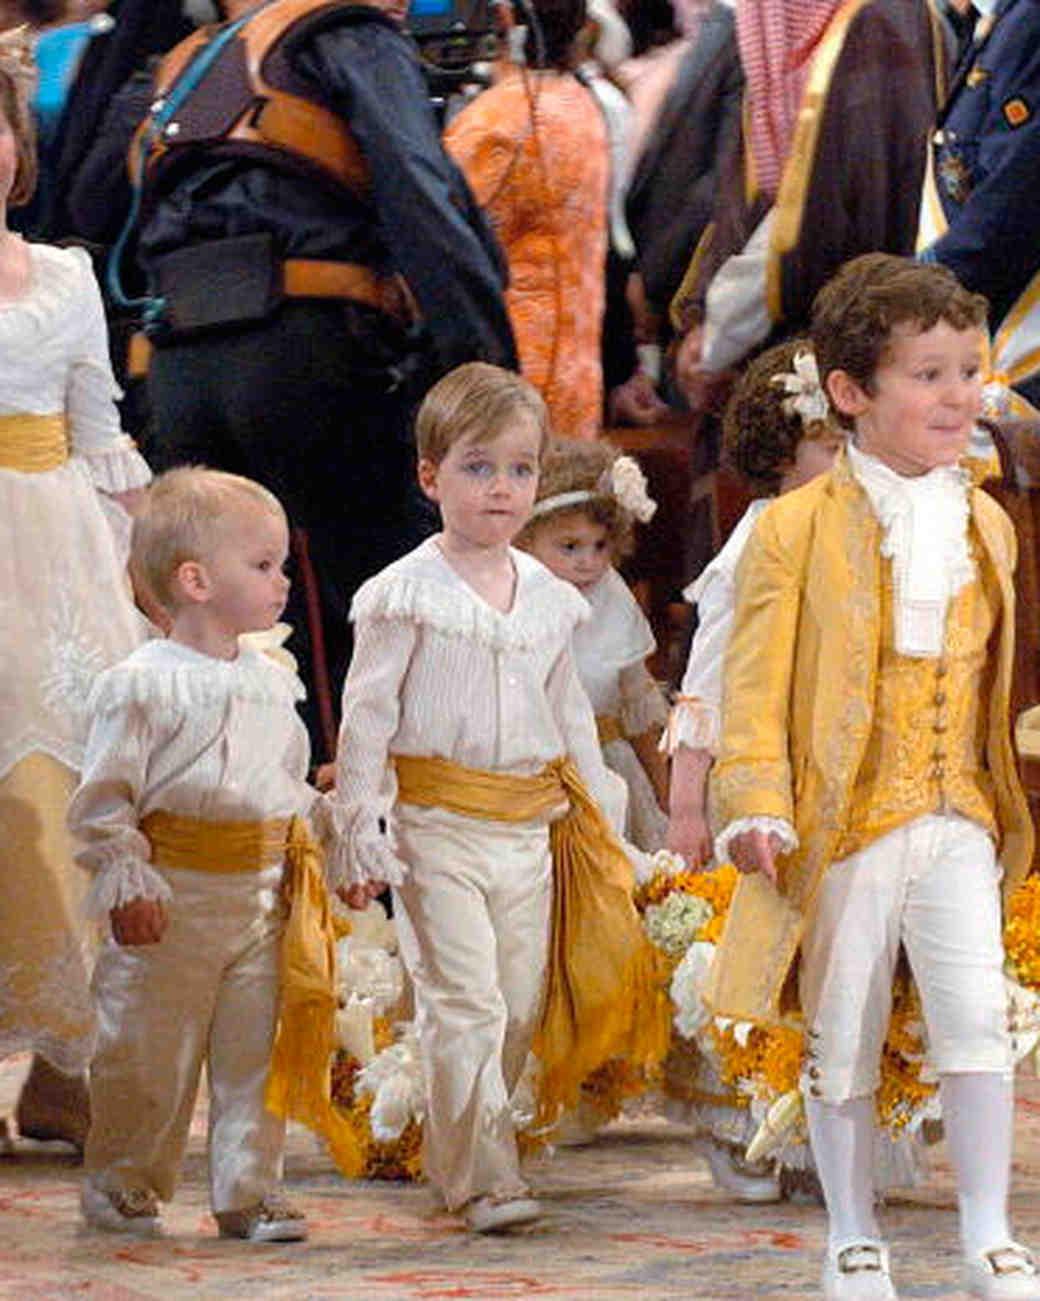 21 Royal Children At Weddings Martha Stewart Weddings